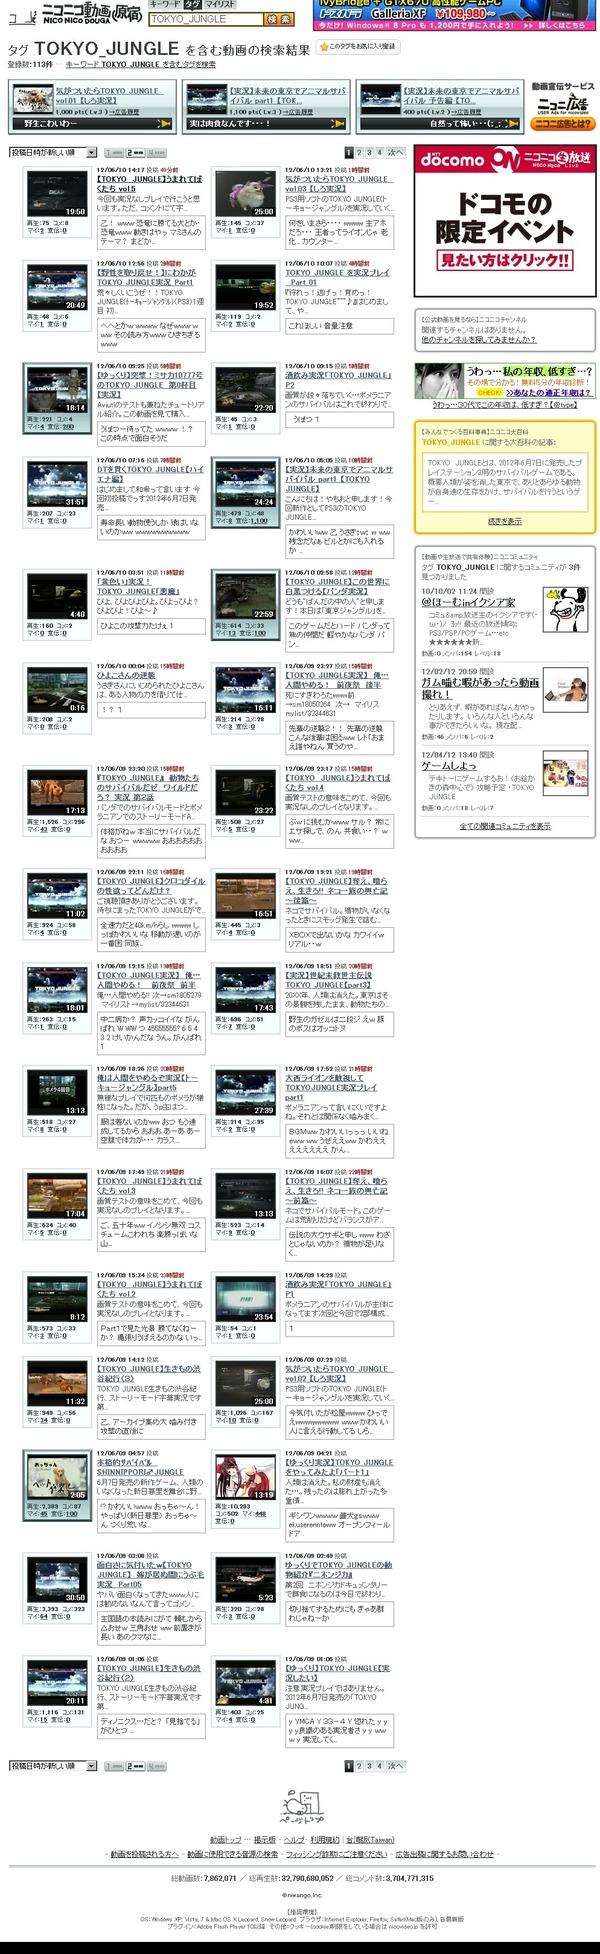 タグで動画検索 TOKYO_JUNGLE ‐ ニコニコ動画 原宿 -150825